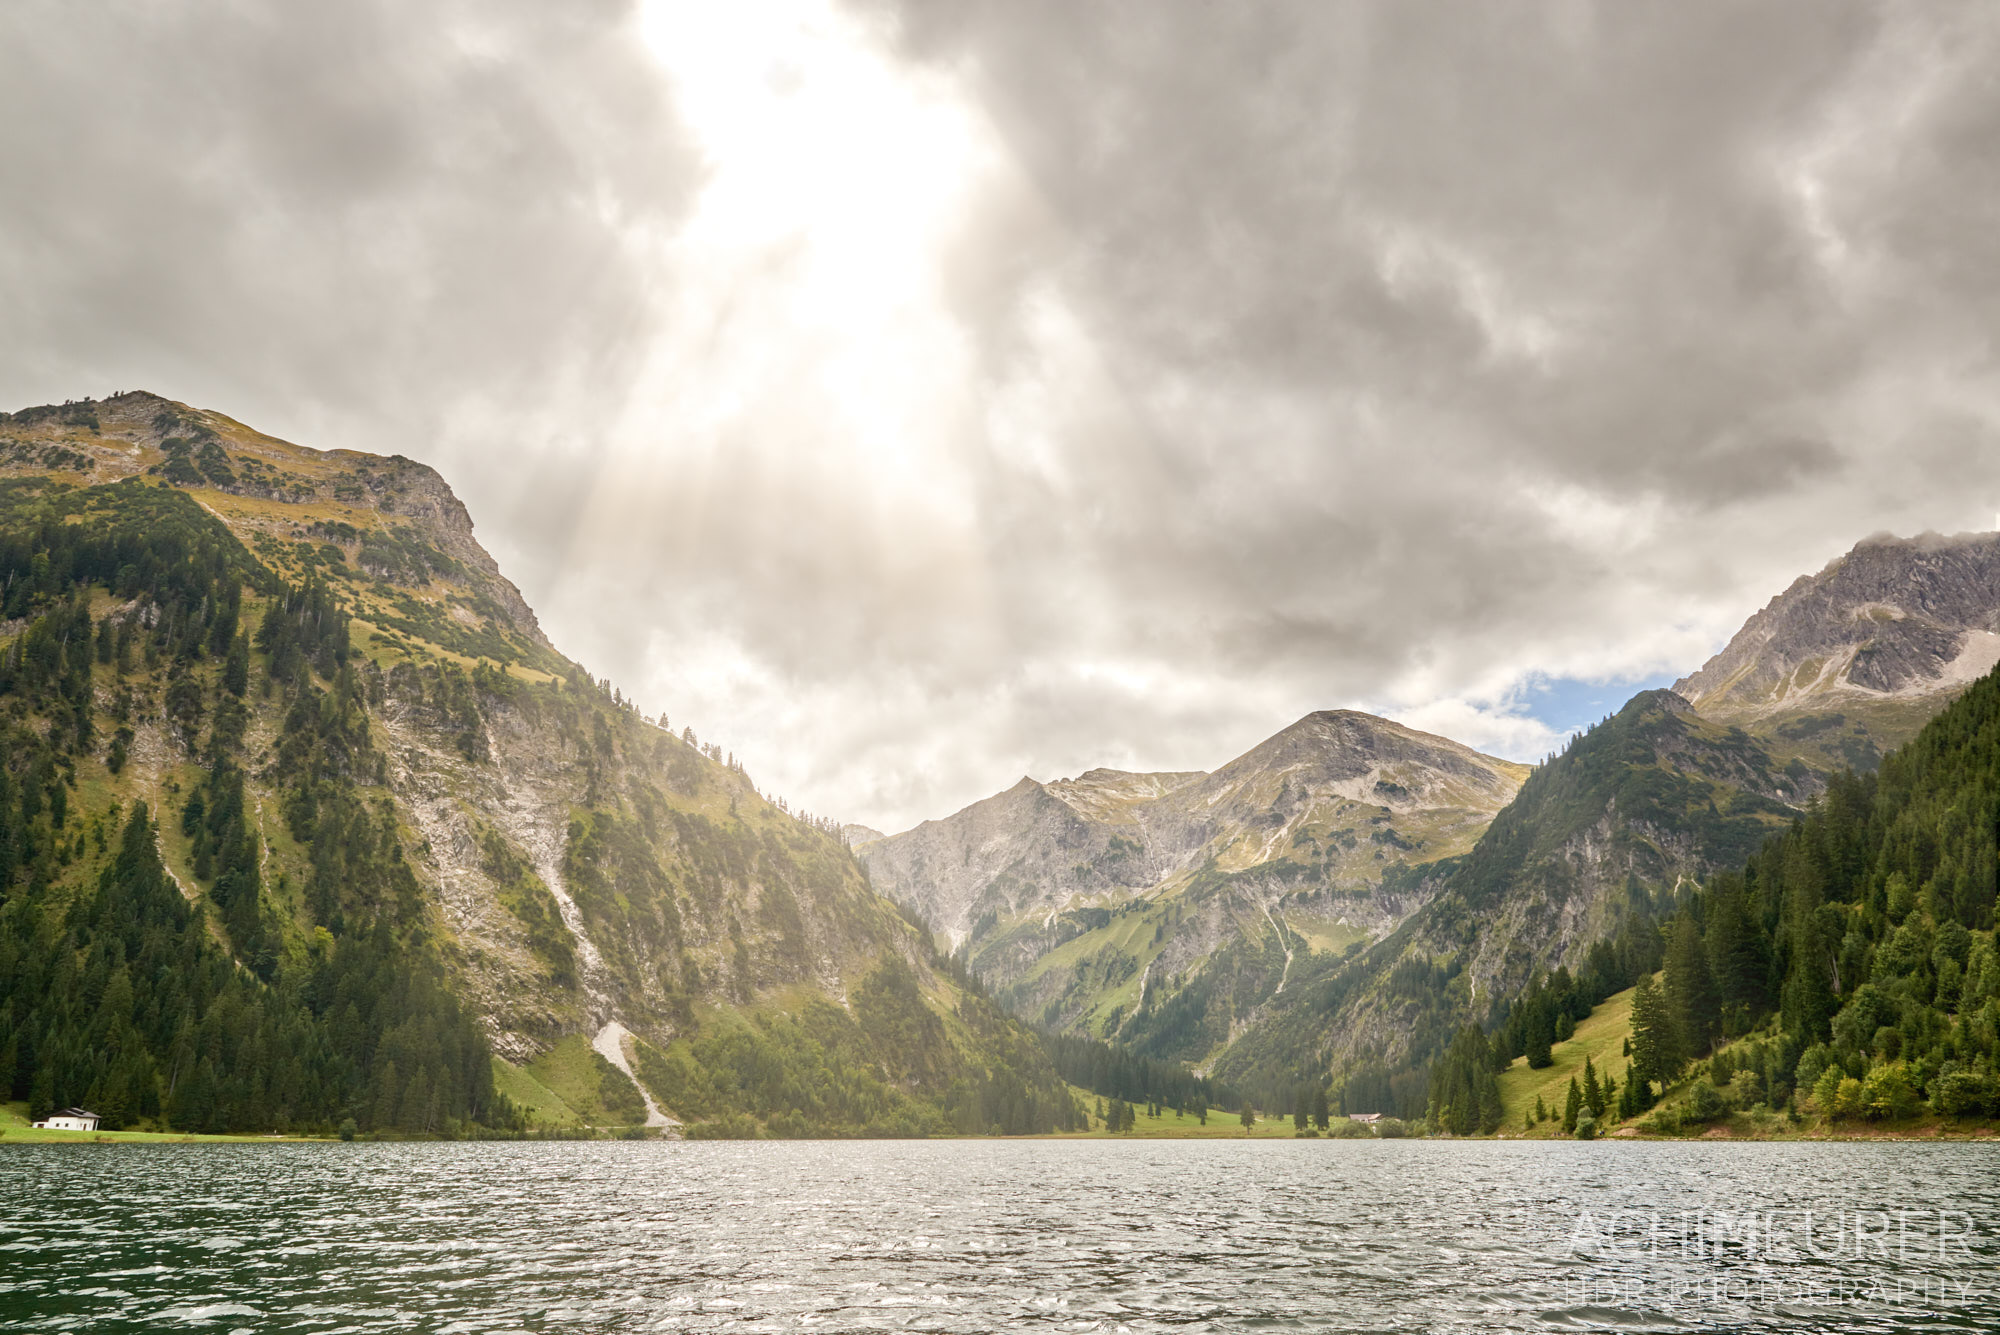 Angeln auf dem Vilsalpsee, Tannheimertal, Tirol, Österreich by Achim Meurer.